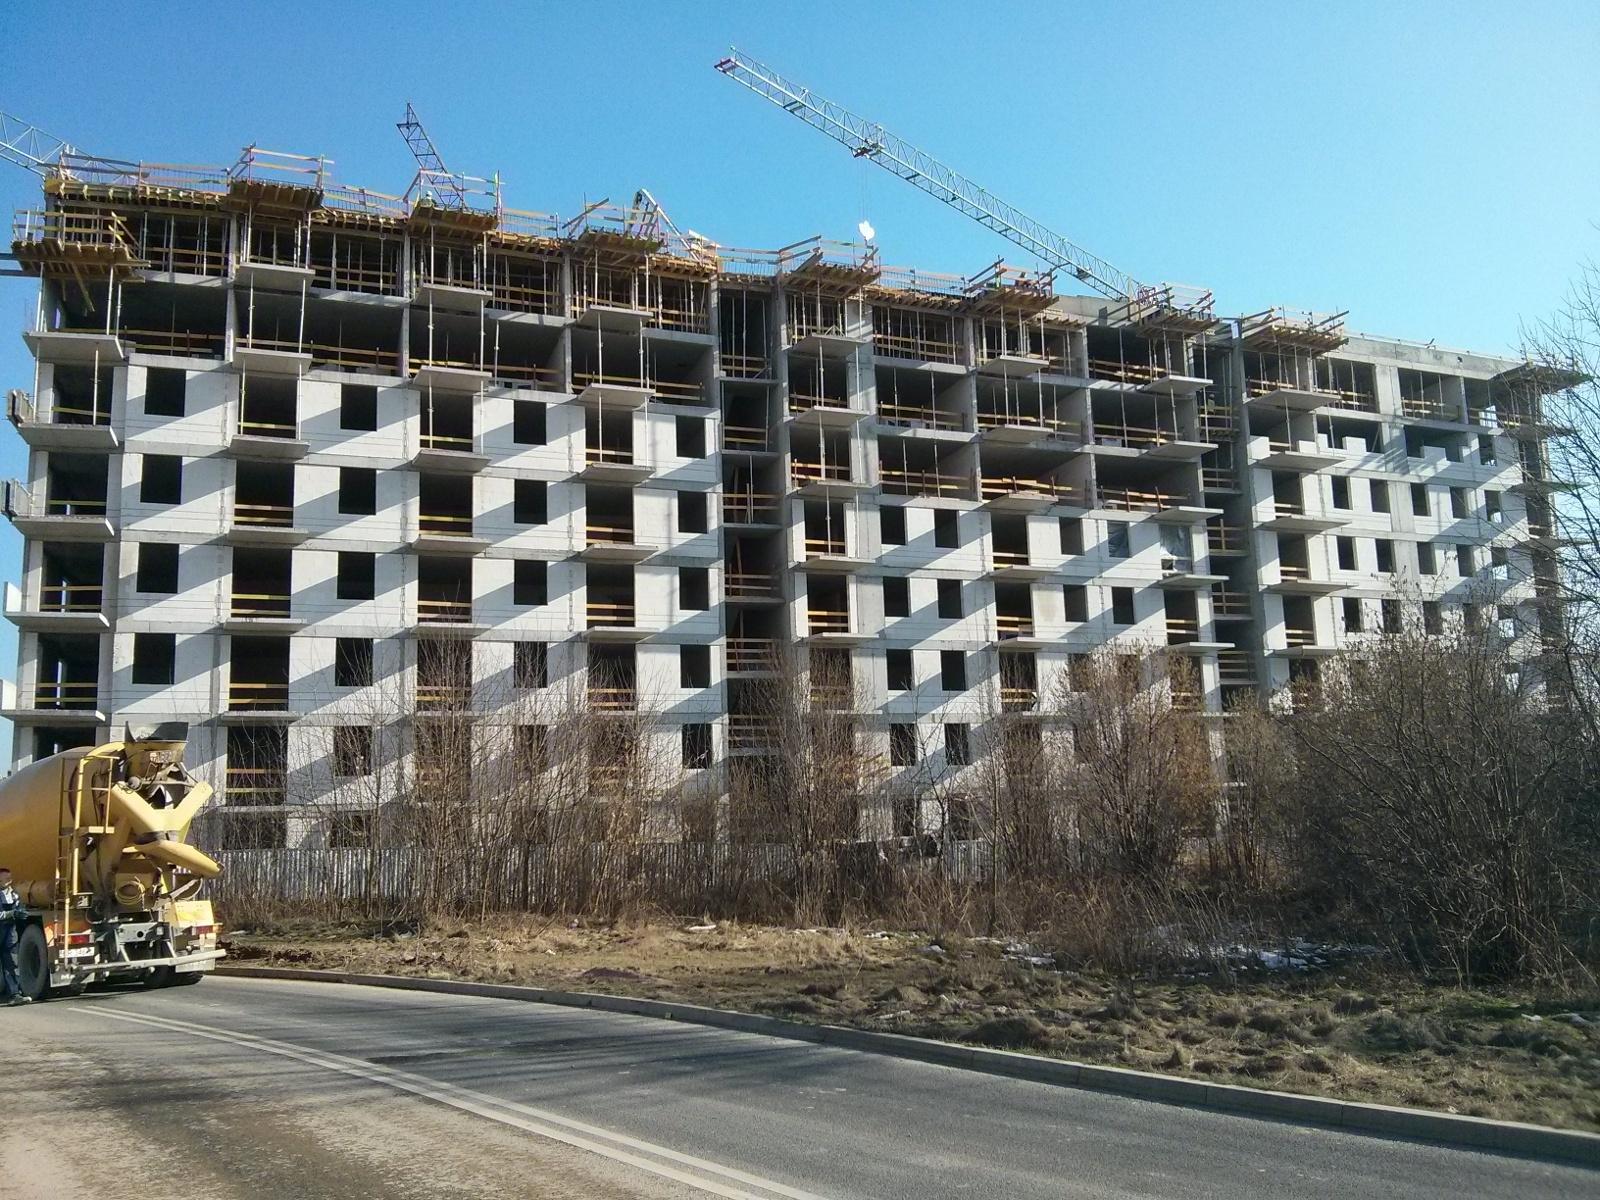 Budimex kończy budowę pierwszego bloku na osiedlu Orlińskiego w Krakowie